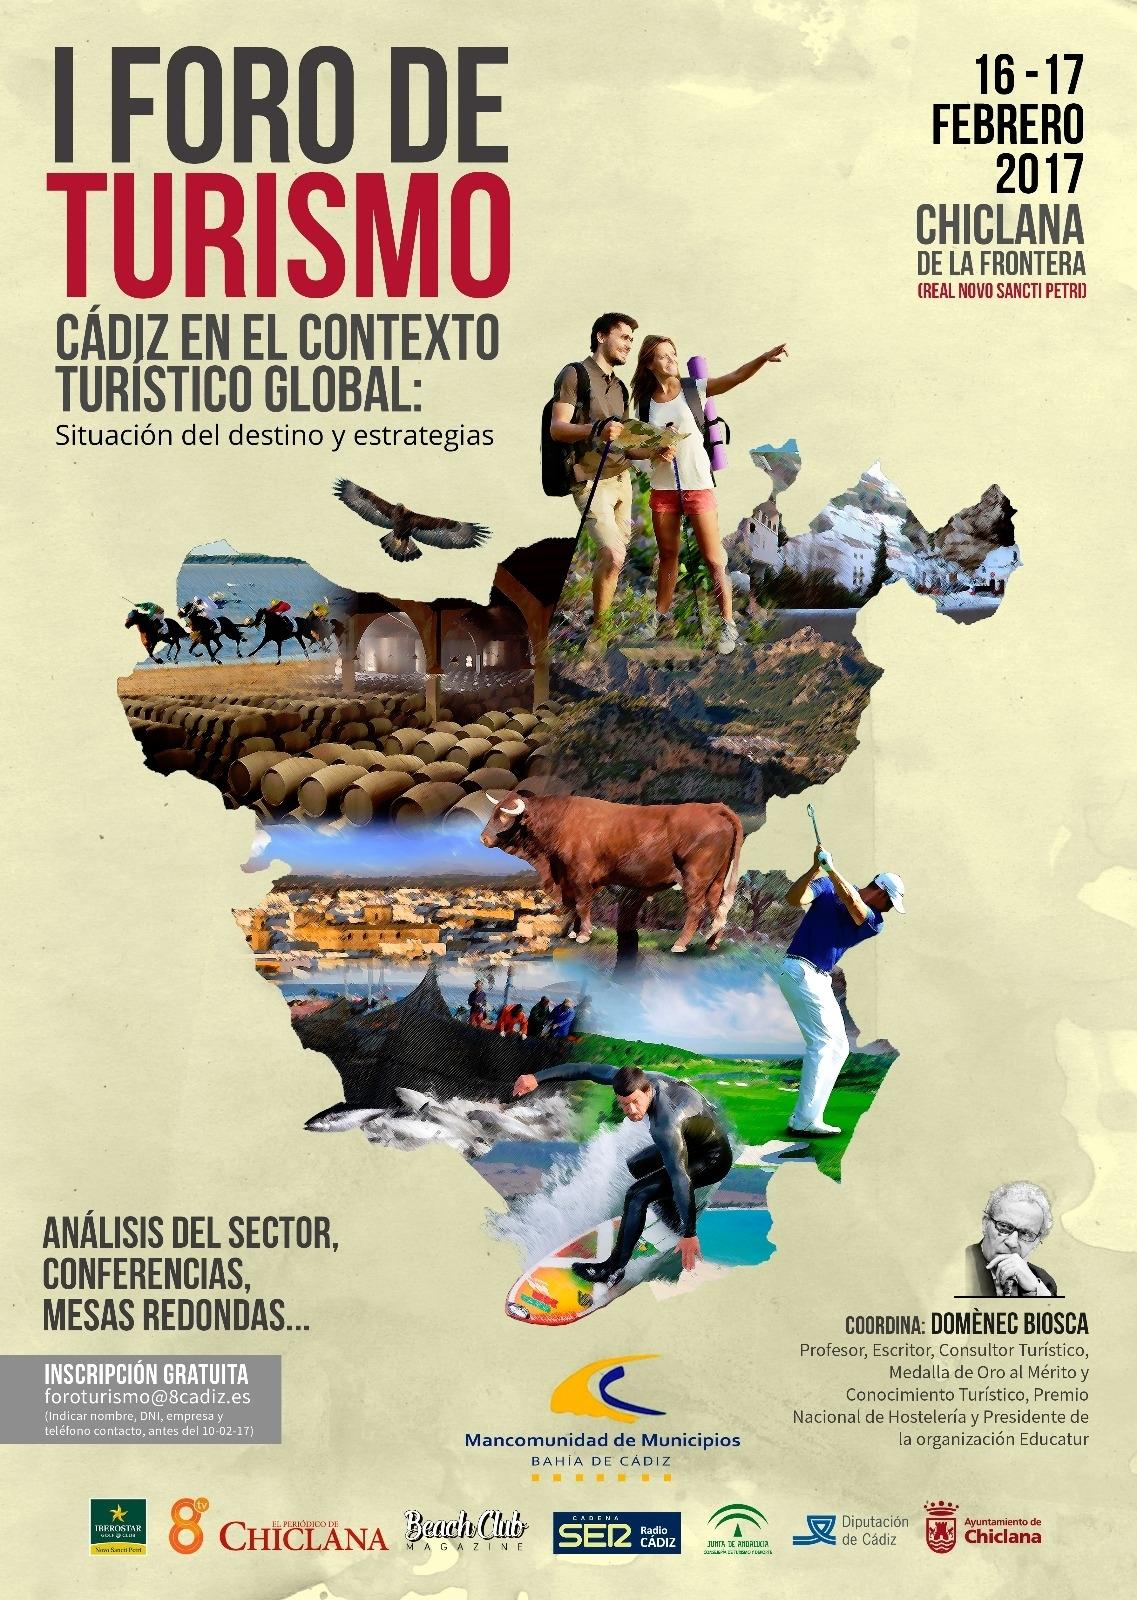 """I FORO TURISMO """"Cádiz en el contexto turístico global: situación del destino y estrategias"""""""